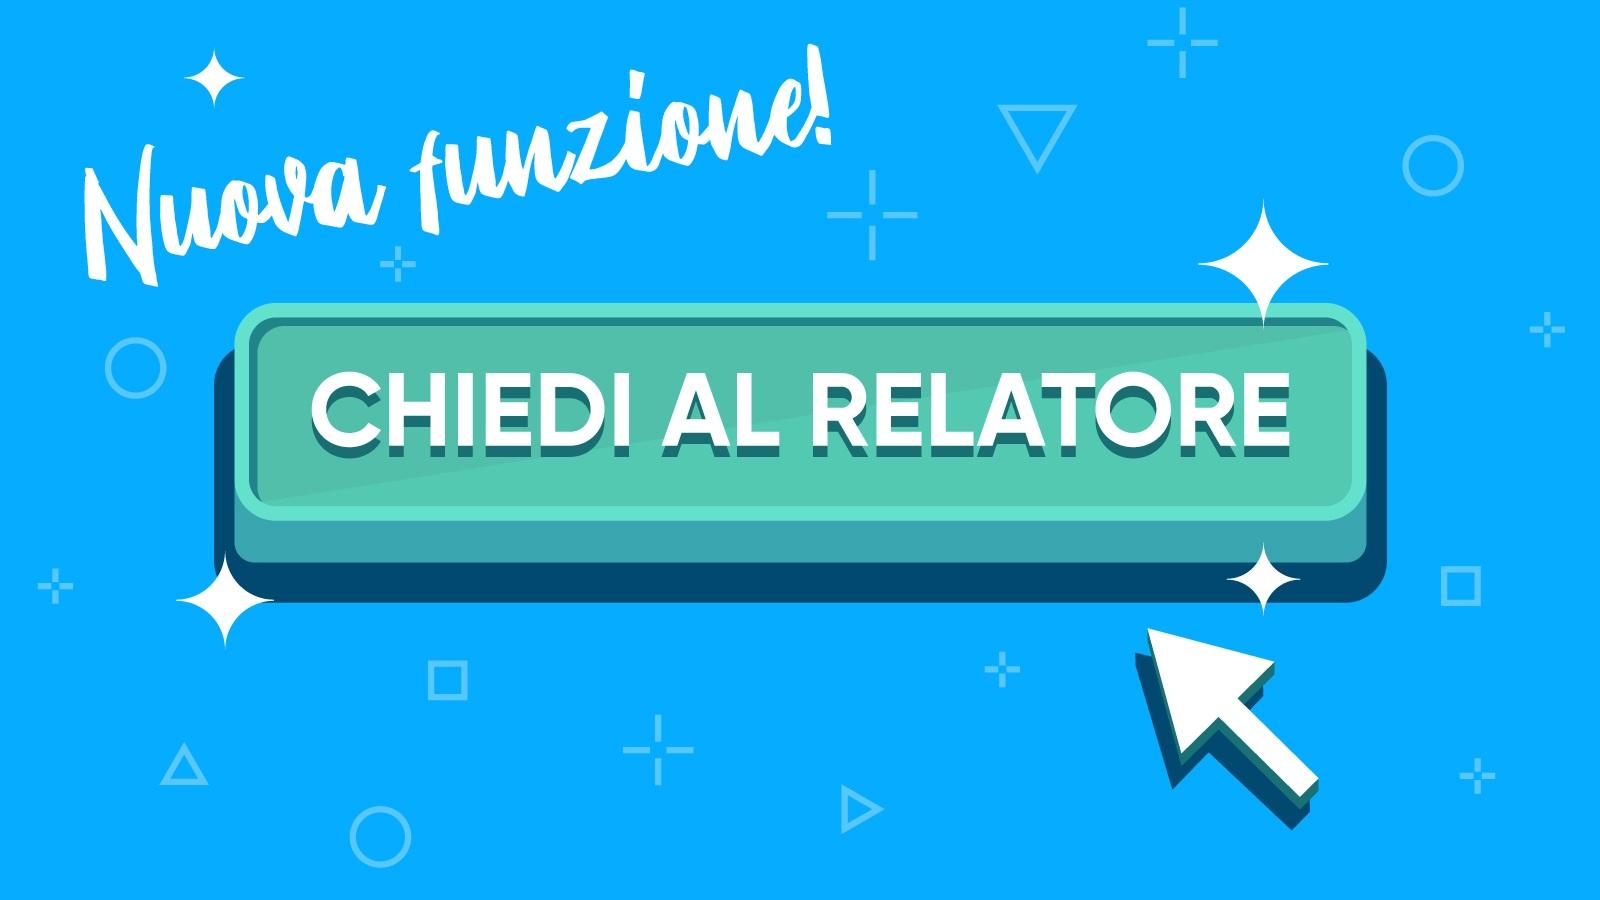 chiedi-al-relatore-blog